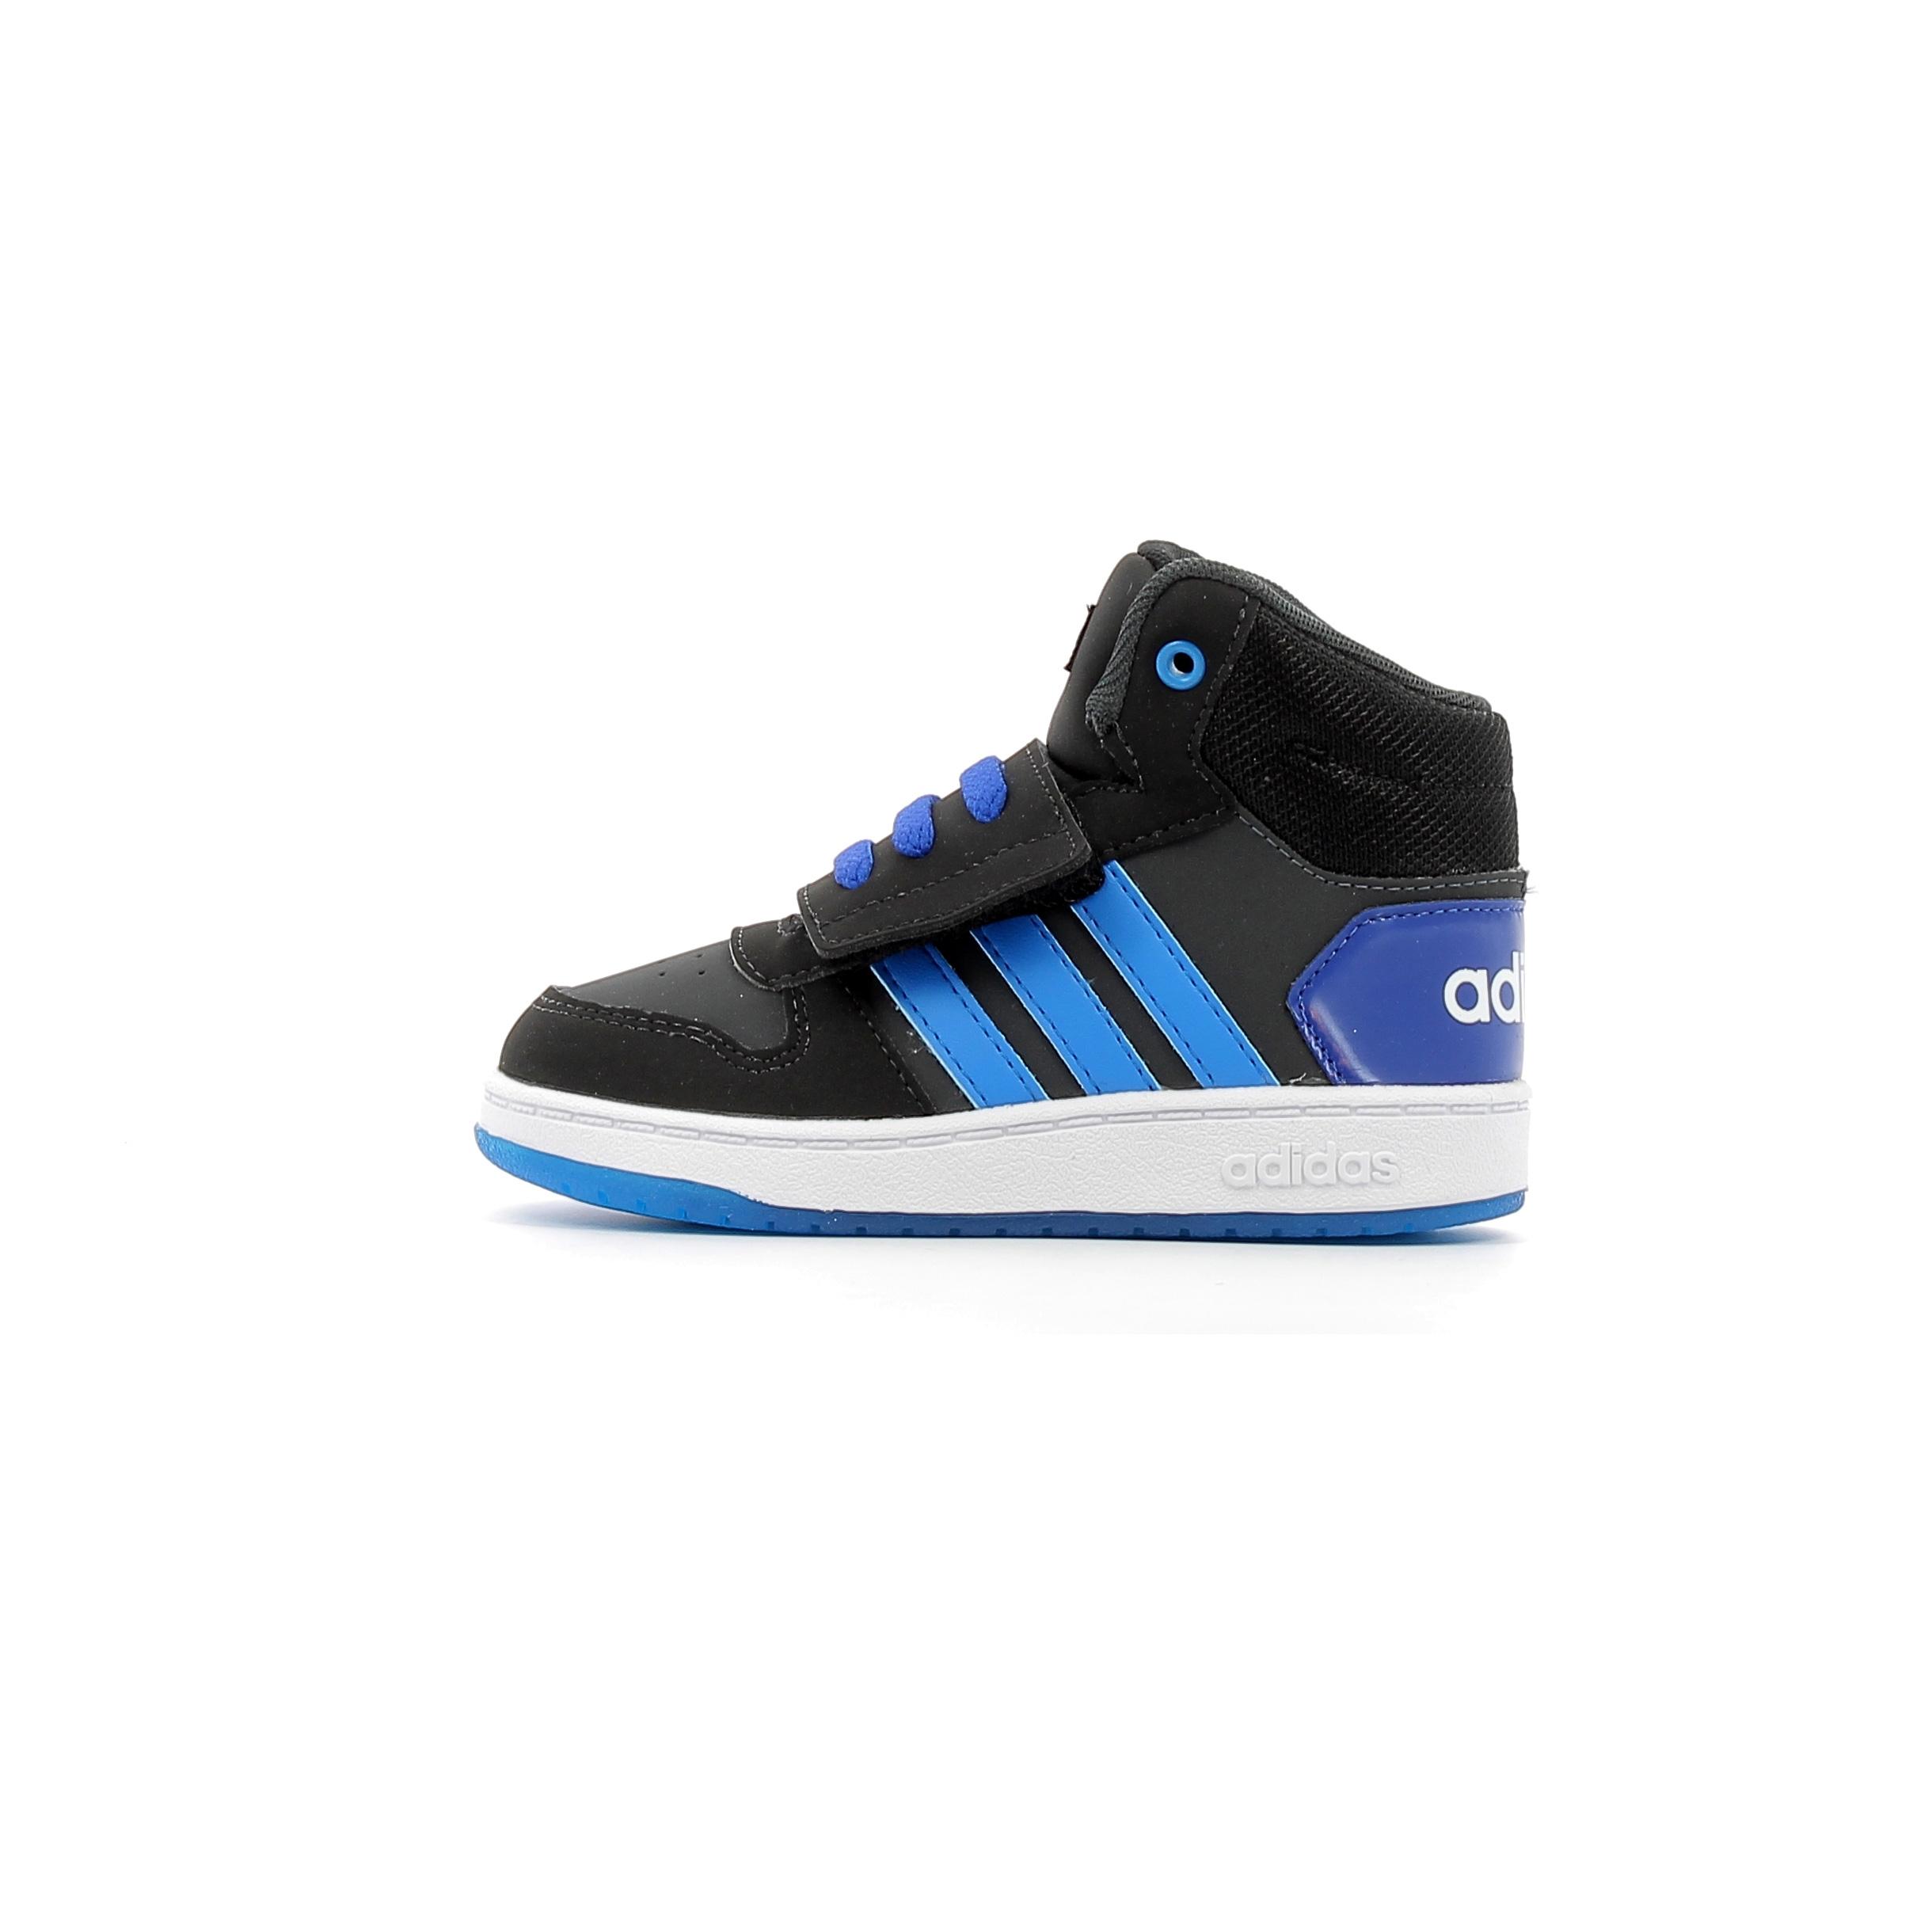 0b8e179c0280e 2 2 Montante Hoops Enfants Mid Adidas Adidas Adidas Baskets 0 Performance  Inf YwgdOdq